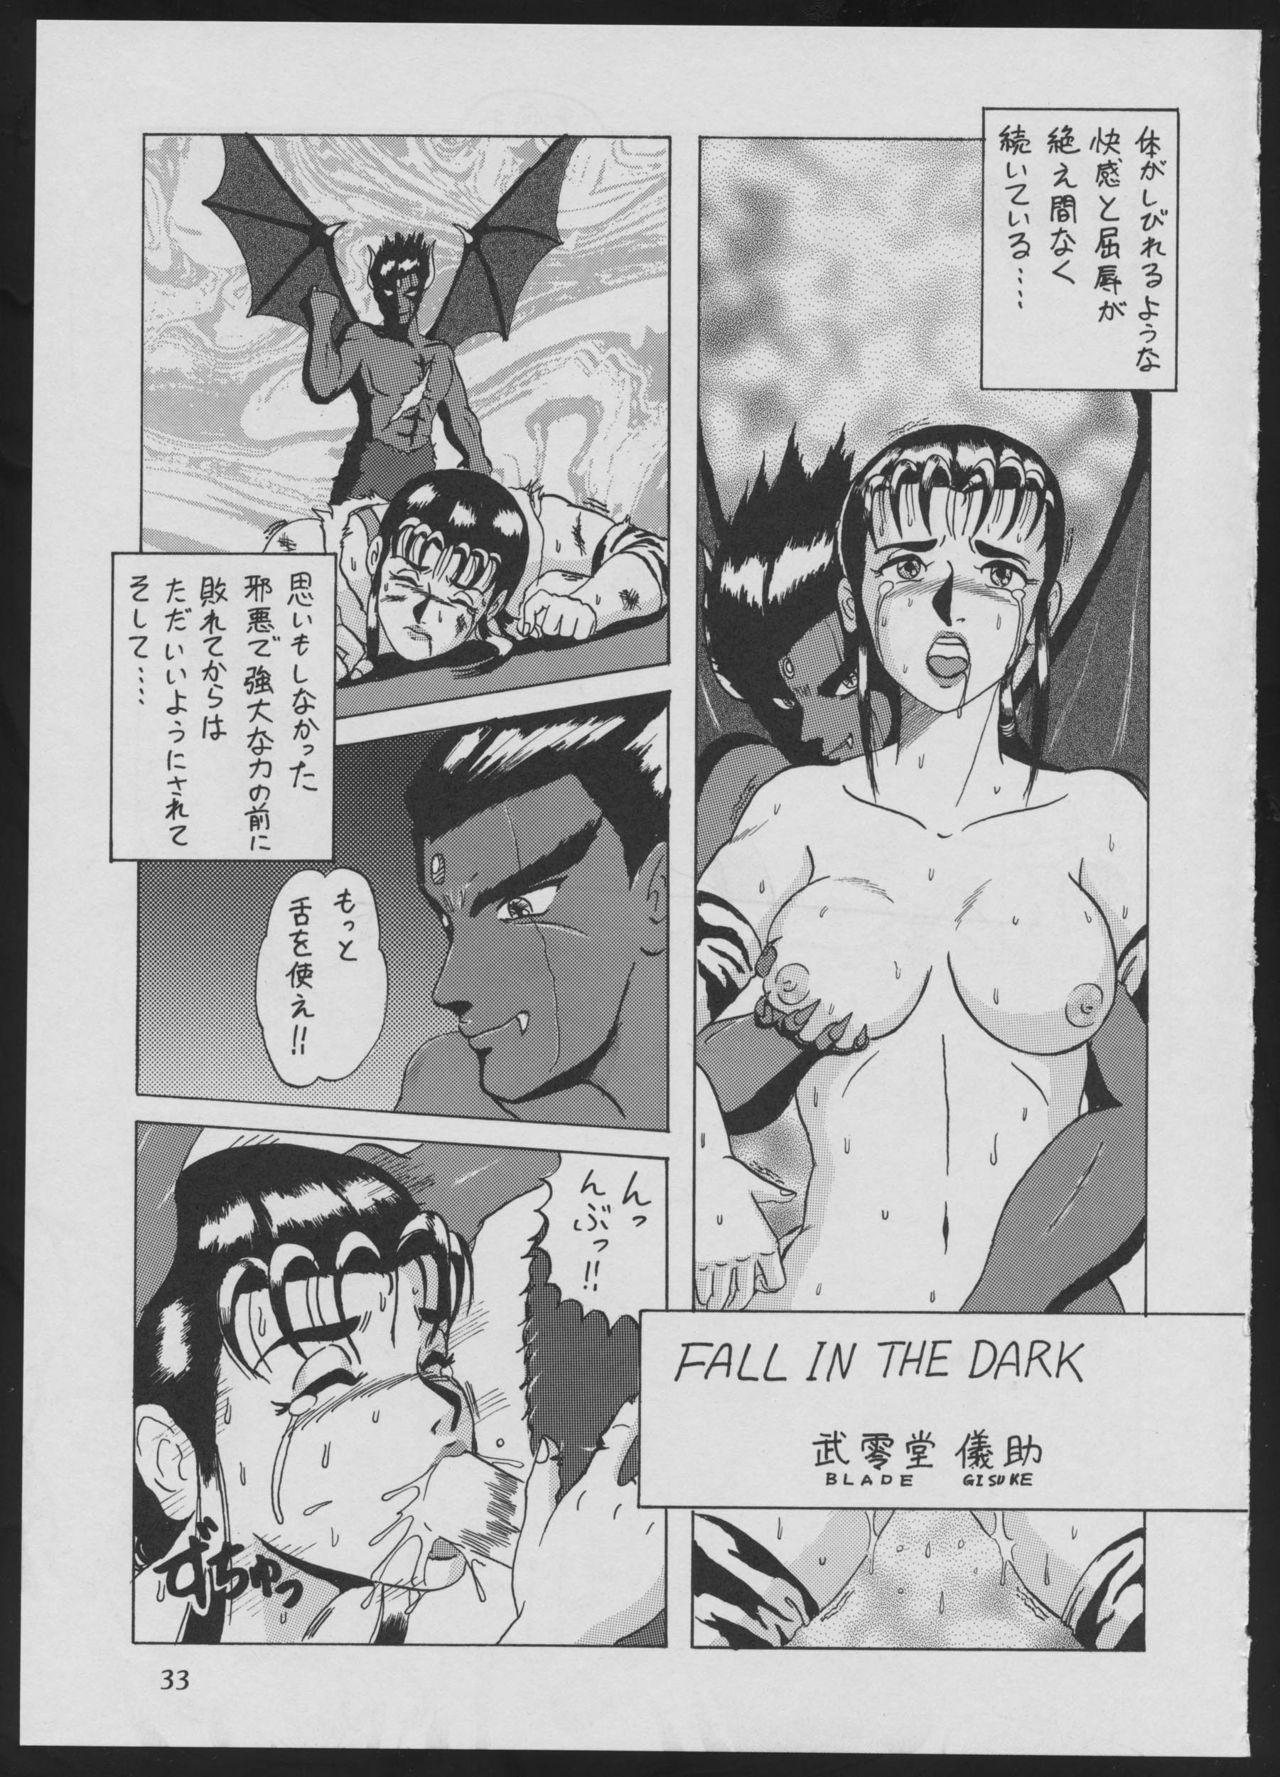 '96 Natsu no Game 18-kin Special 32